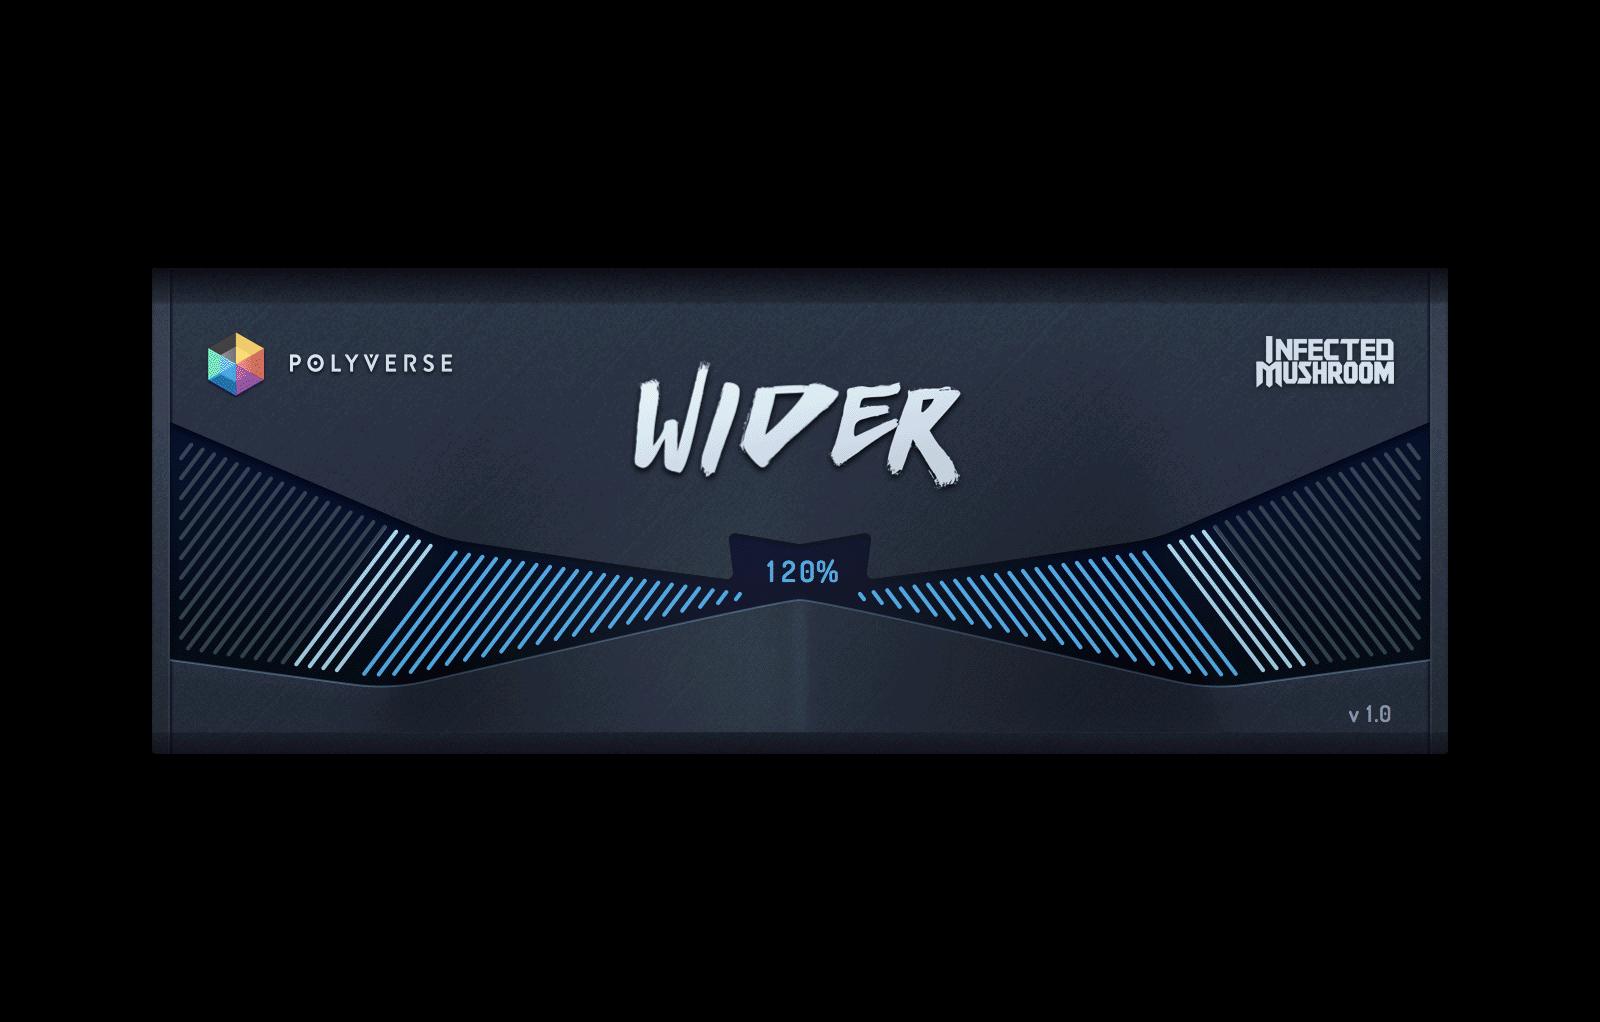 Wider